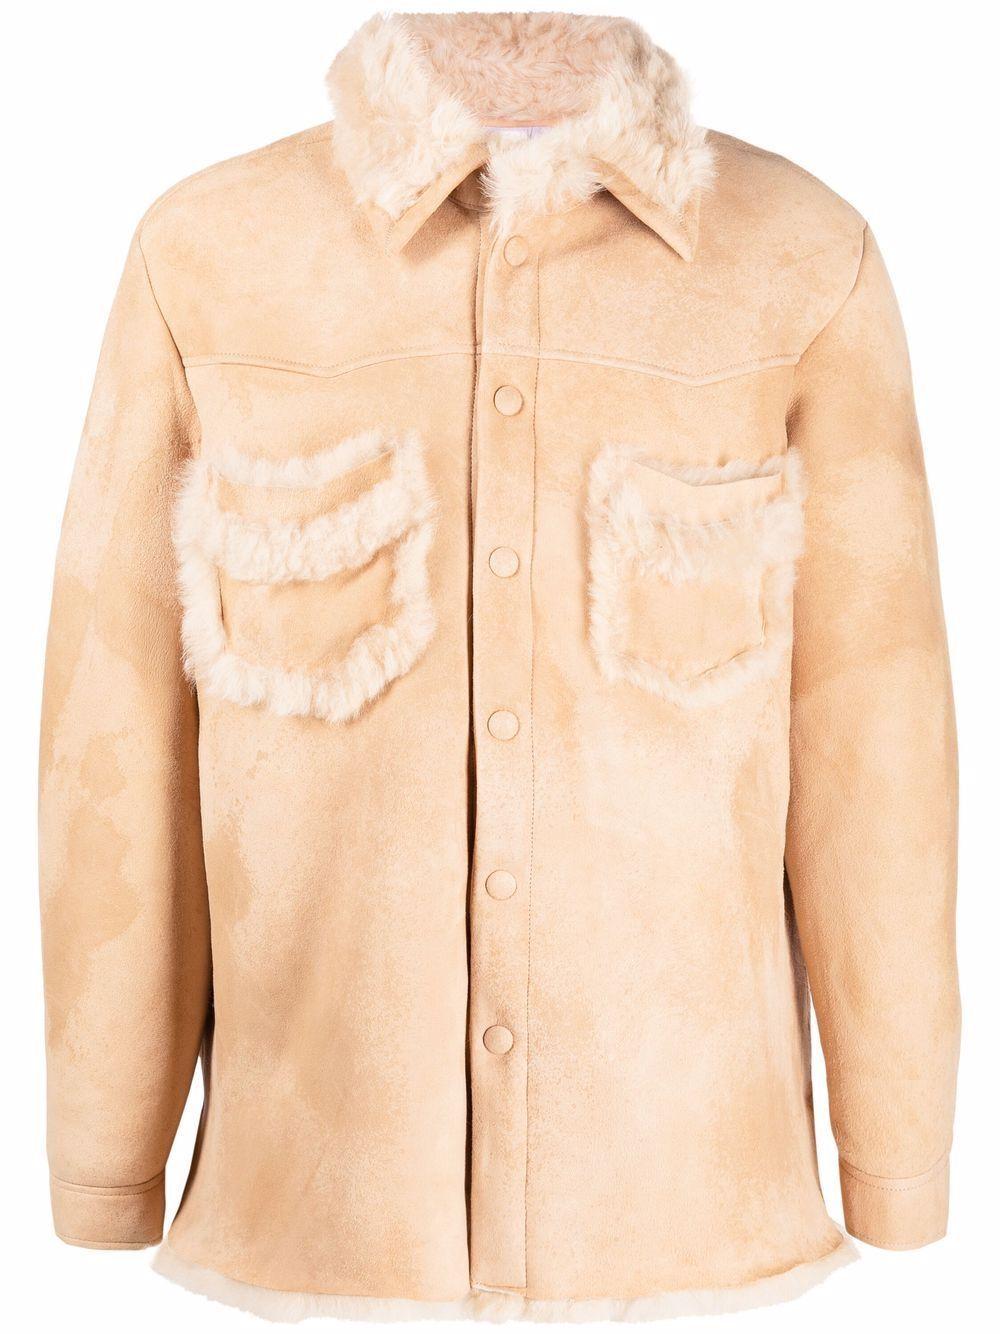 Erl giacconi beige